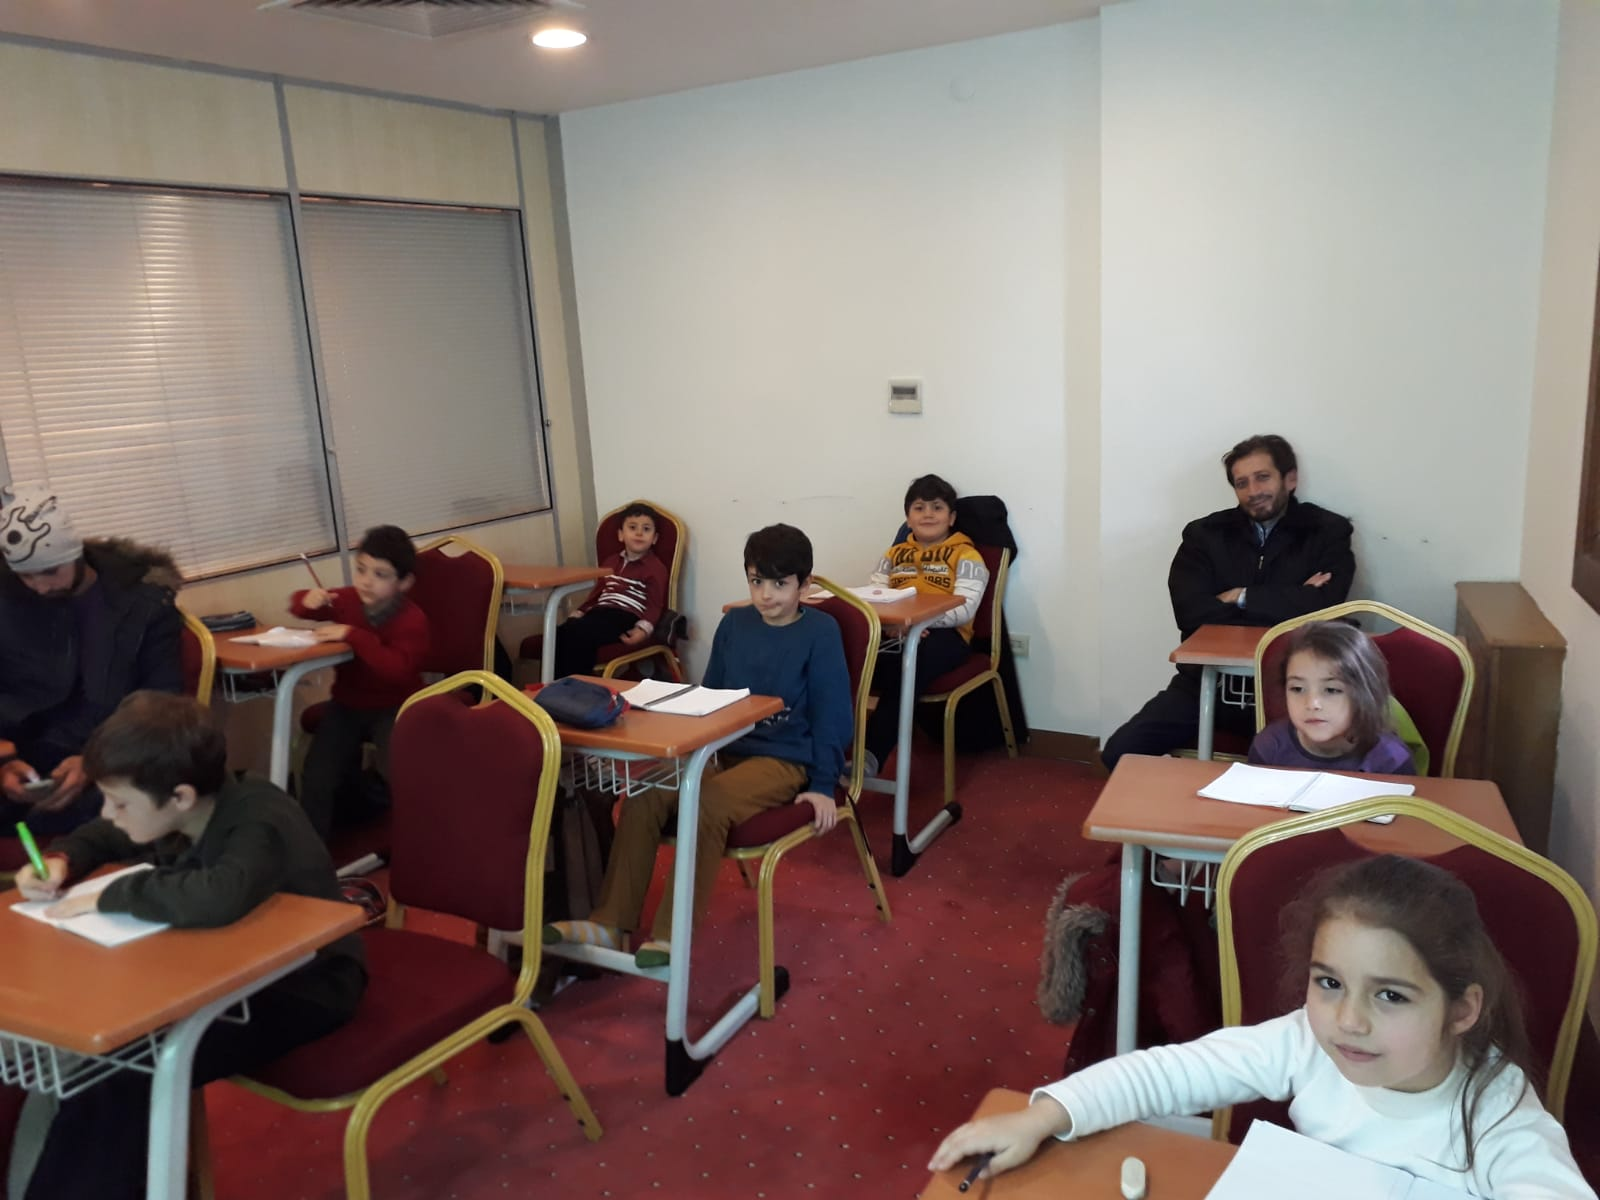 İlköğretim çağındaki çocuklara yönelik Arapça dersleri başladı